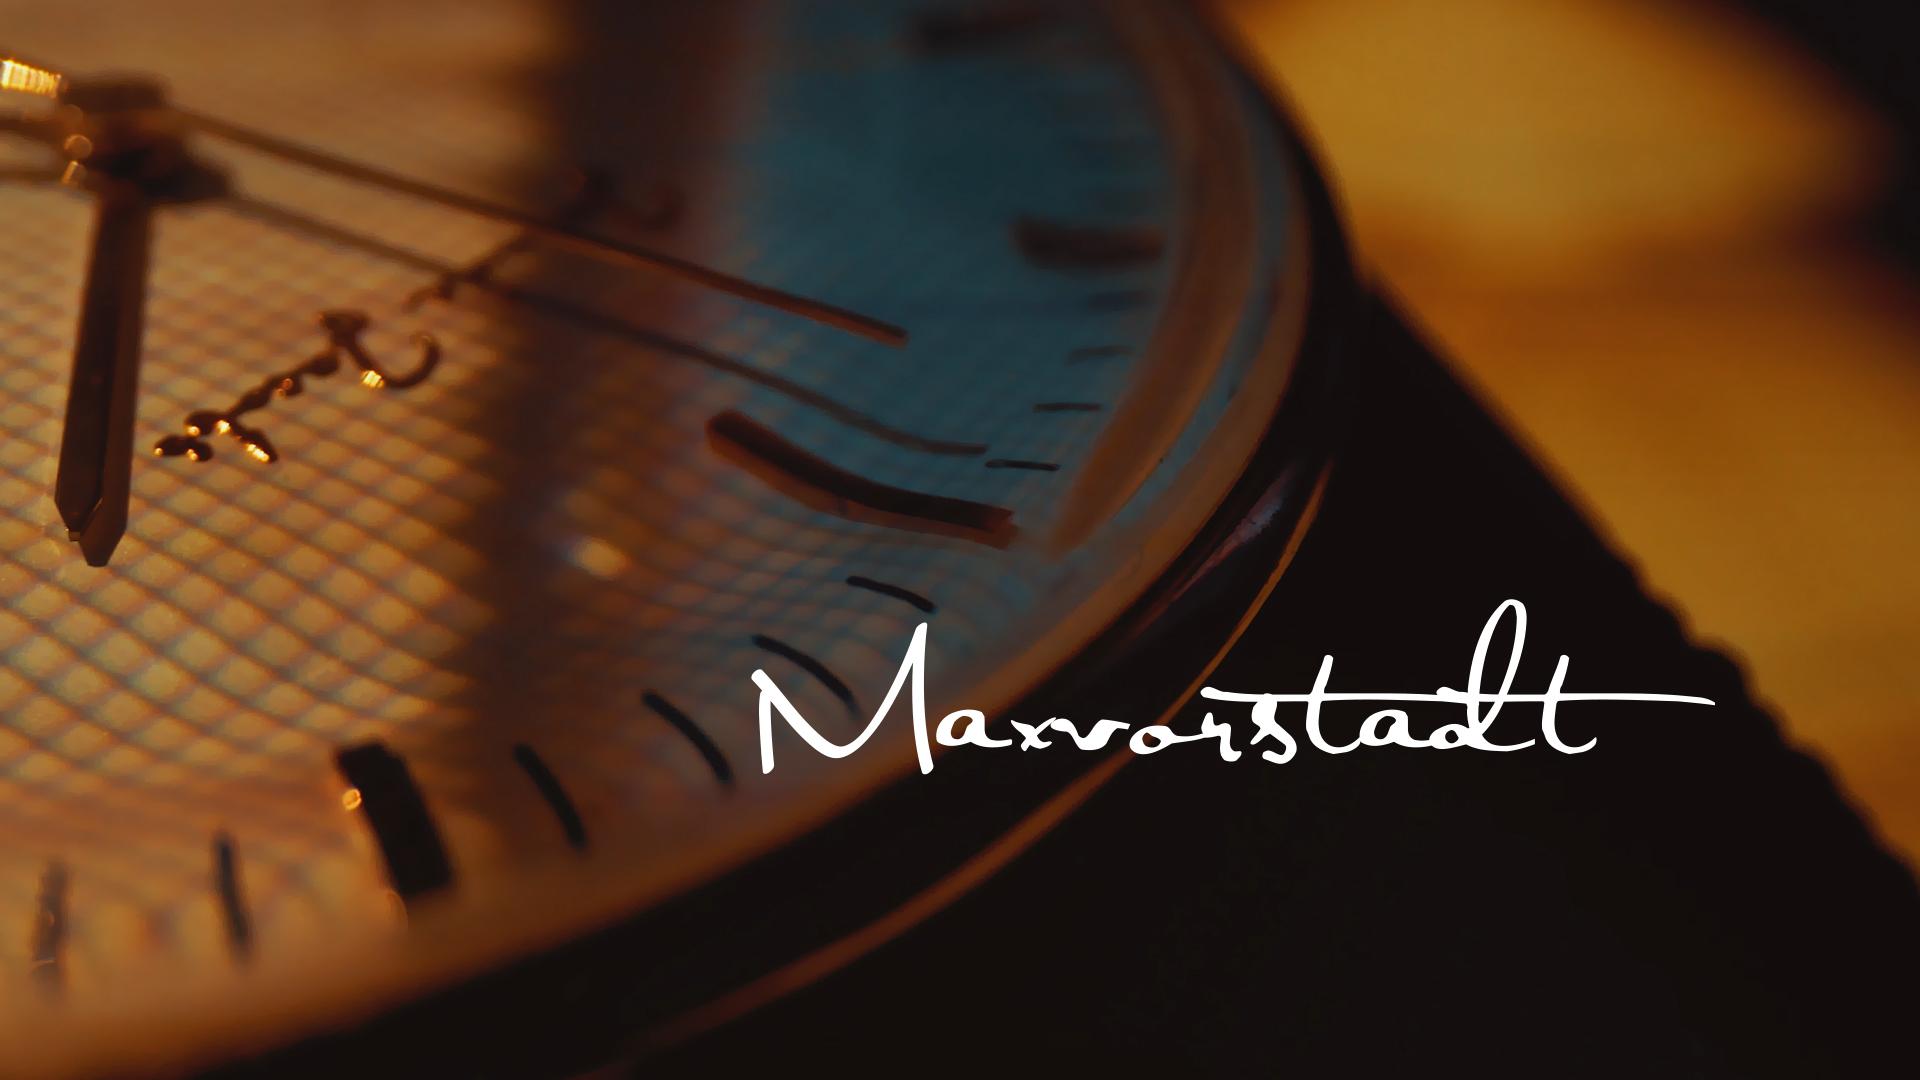 Maxvorstadt (Uhr) | Produktfilm